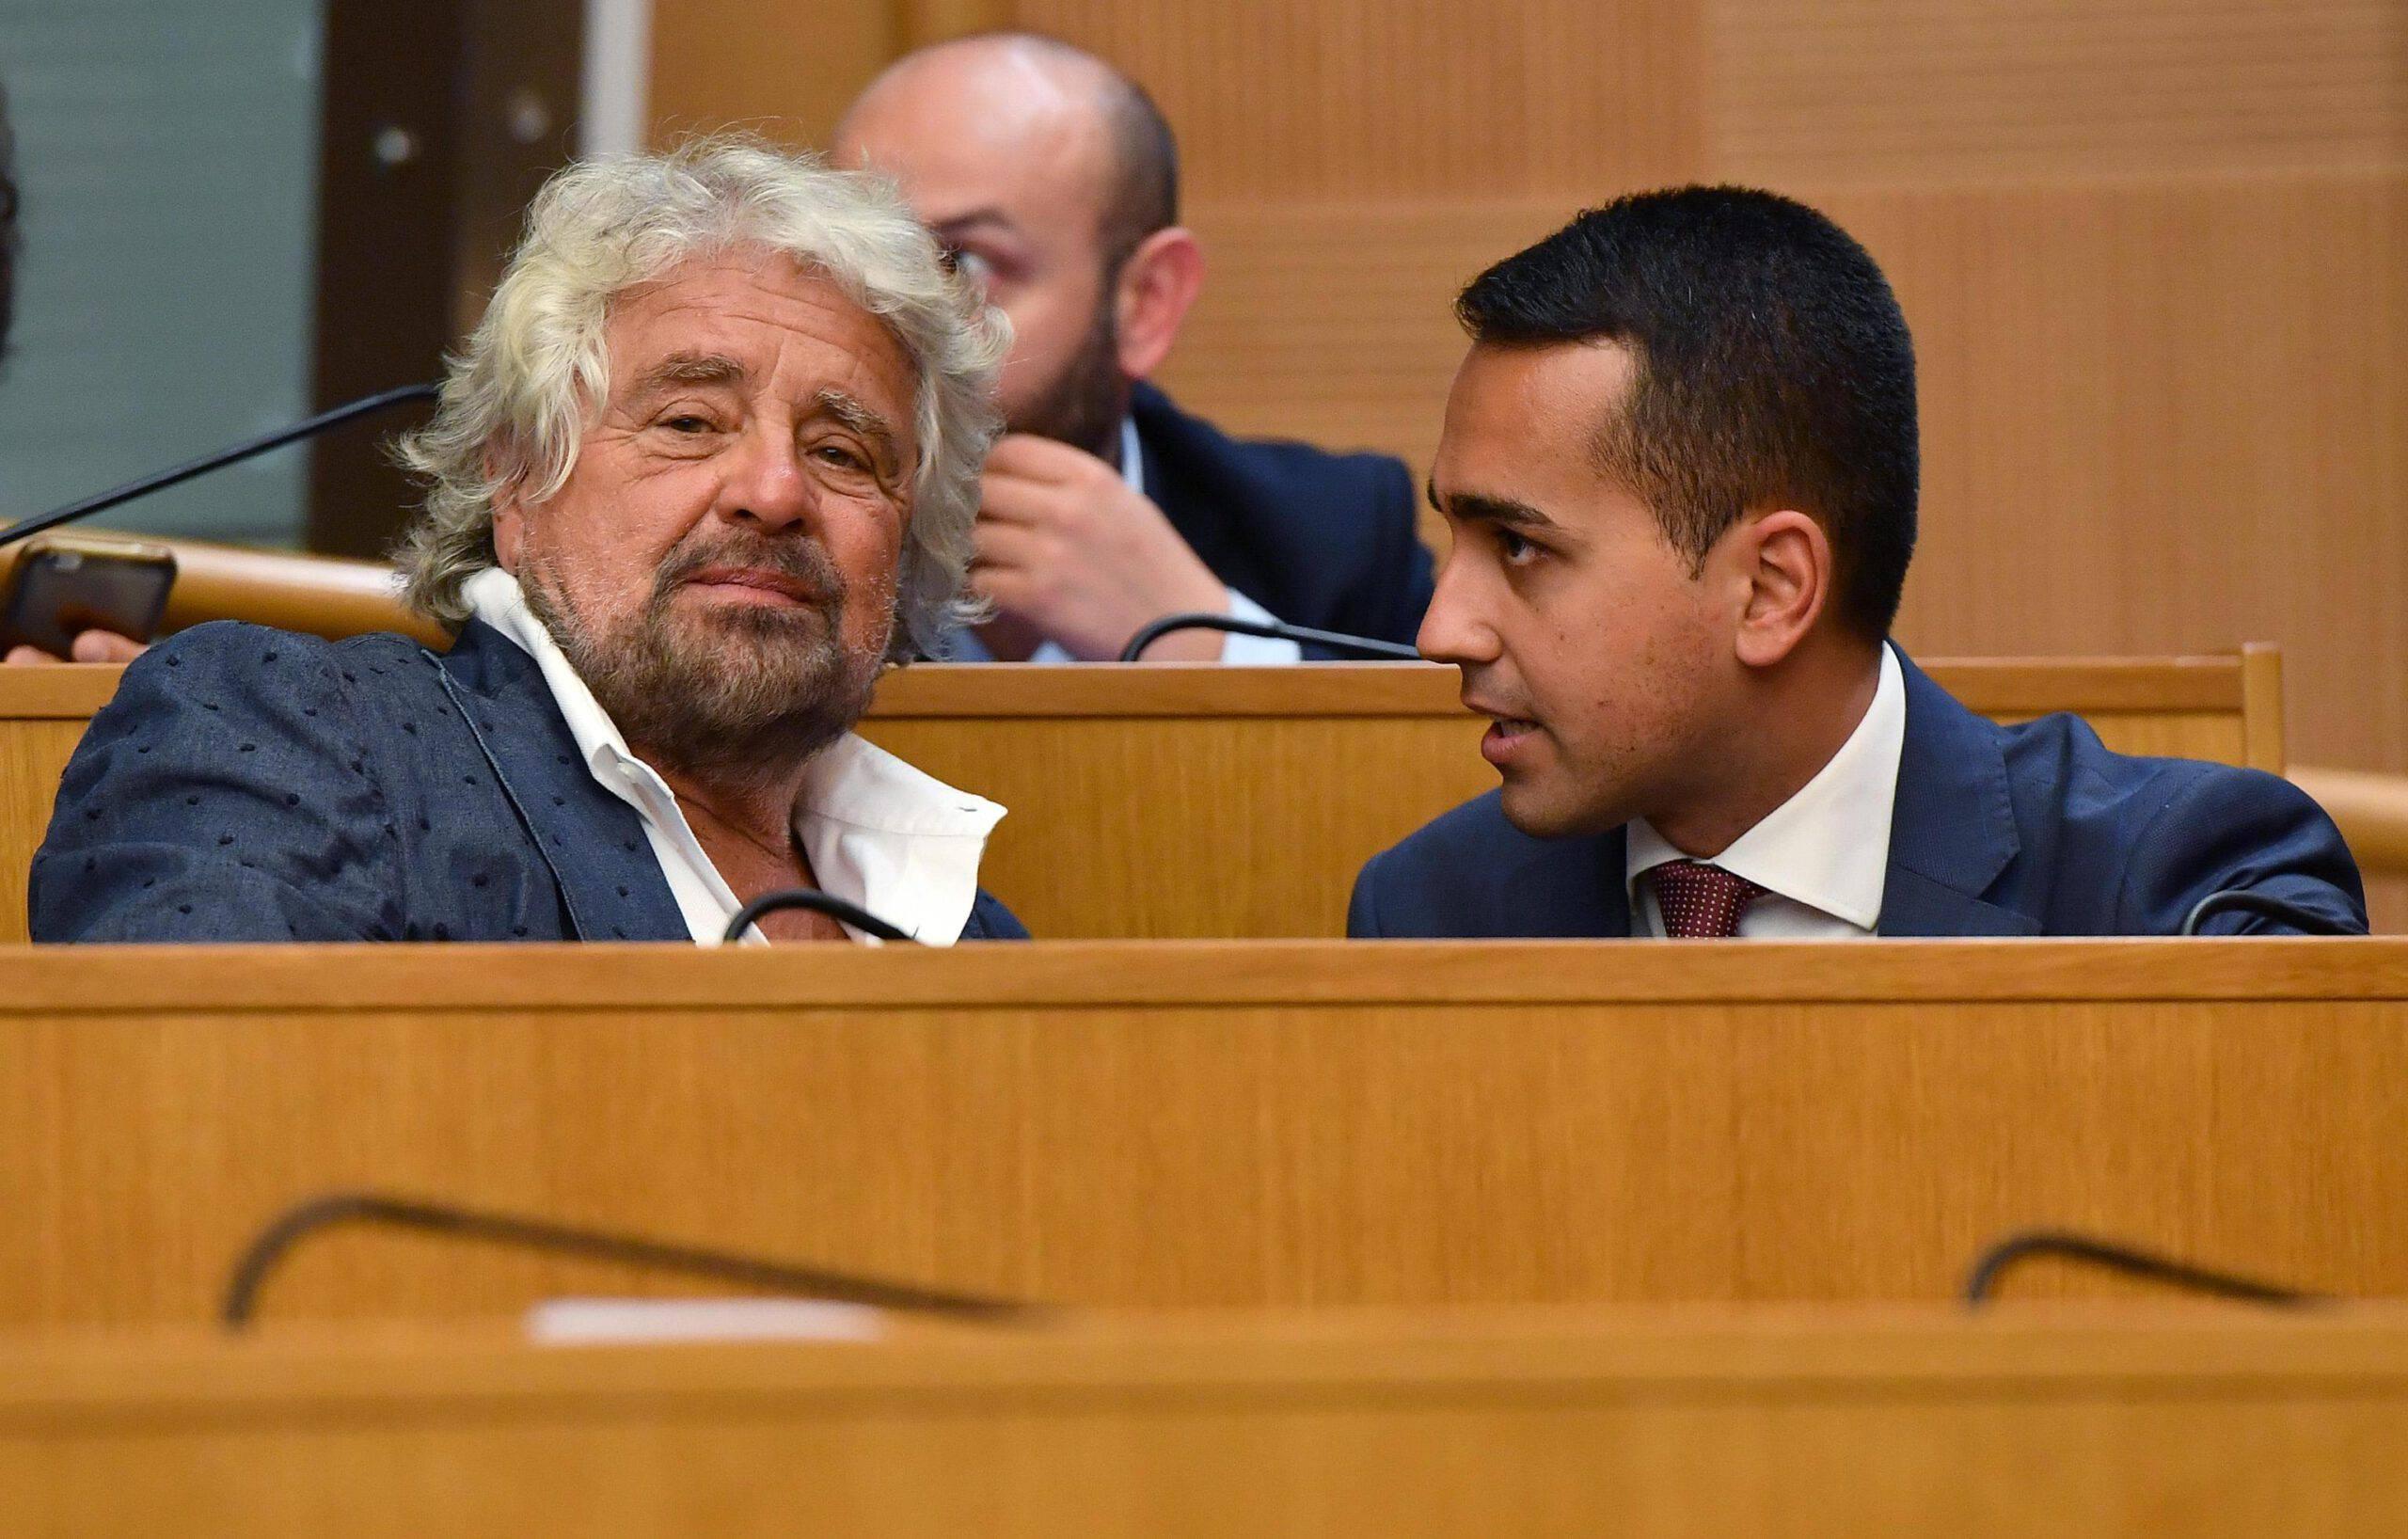 Patto Grillo-Conte per la durata della Legislatura e contro Di Battista - Leggilo.org